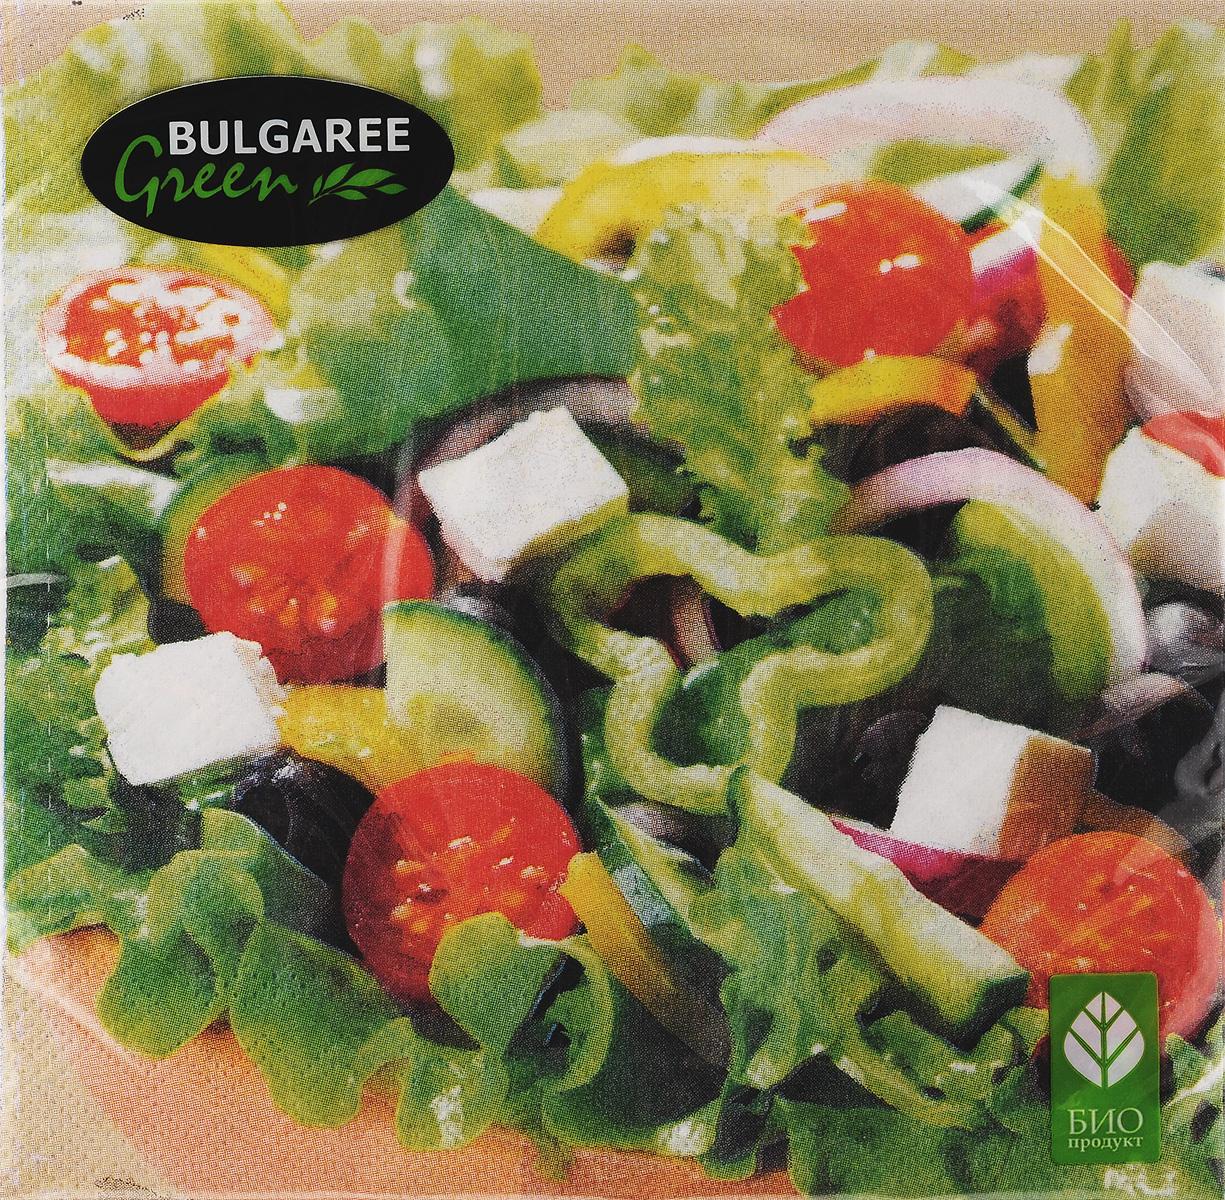 Салфетки бумажные Bulgaree Green Греческий салат, трехслойные, 33 х 33 см, 20 шт10503Декоративные трехслойные салфетки Bulgaree Green Греческий салат выполнены из 100%целлюлозы европейского качества и оформлены ярким рисунком. Изделия станут отличным дополнением любого праздничного стола. Они отличаются необычной мягкостью, прочностью и оригинальностью.Размер салфеток в развернутом виде: 33 х 33 см.